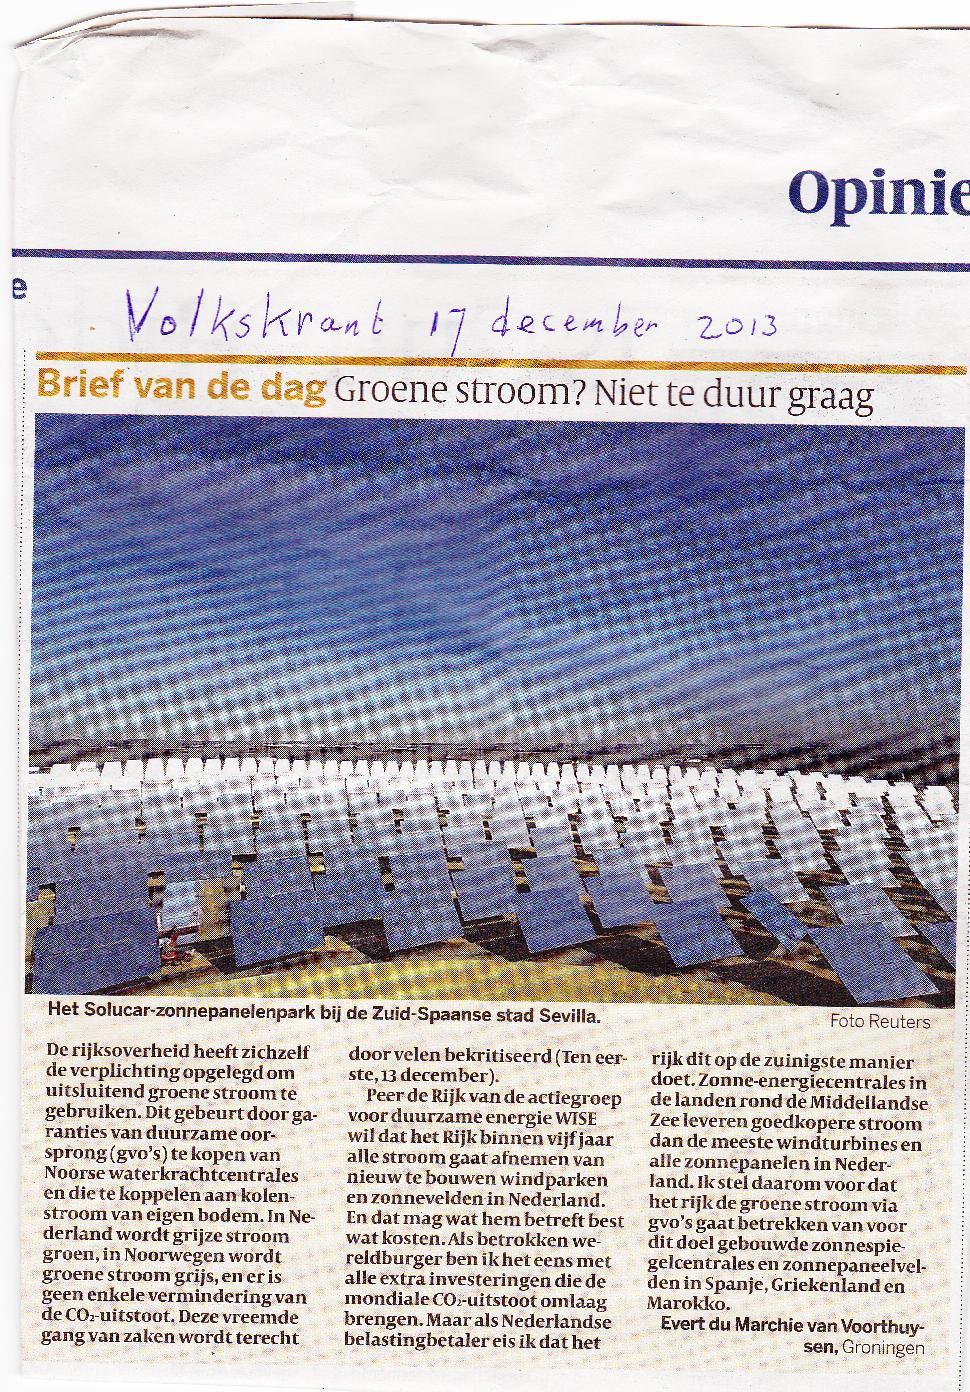 Ingezonden brief in de Volkskrant van 17 december 2013